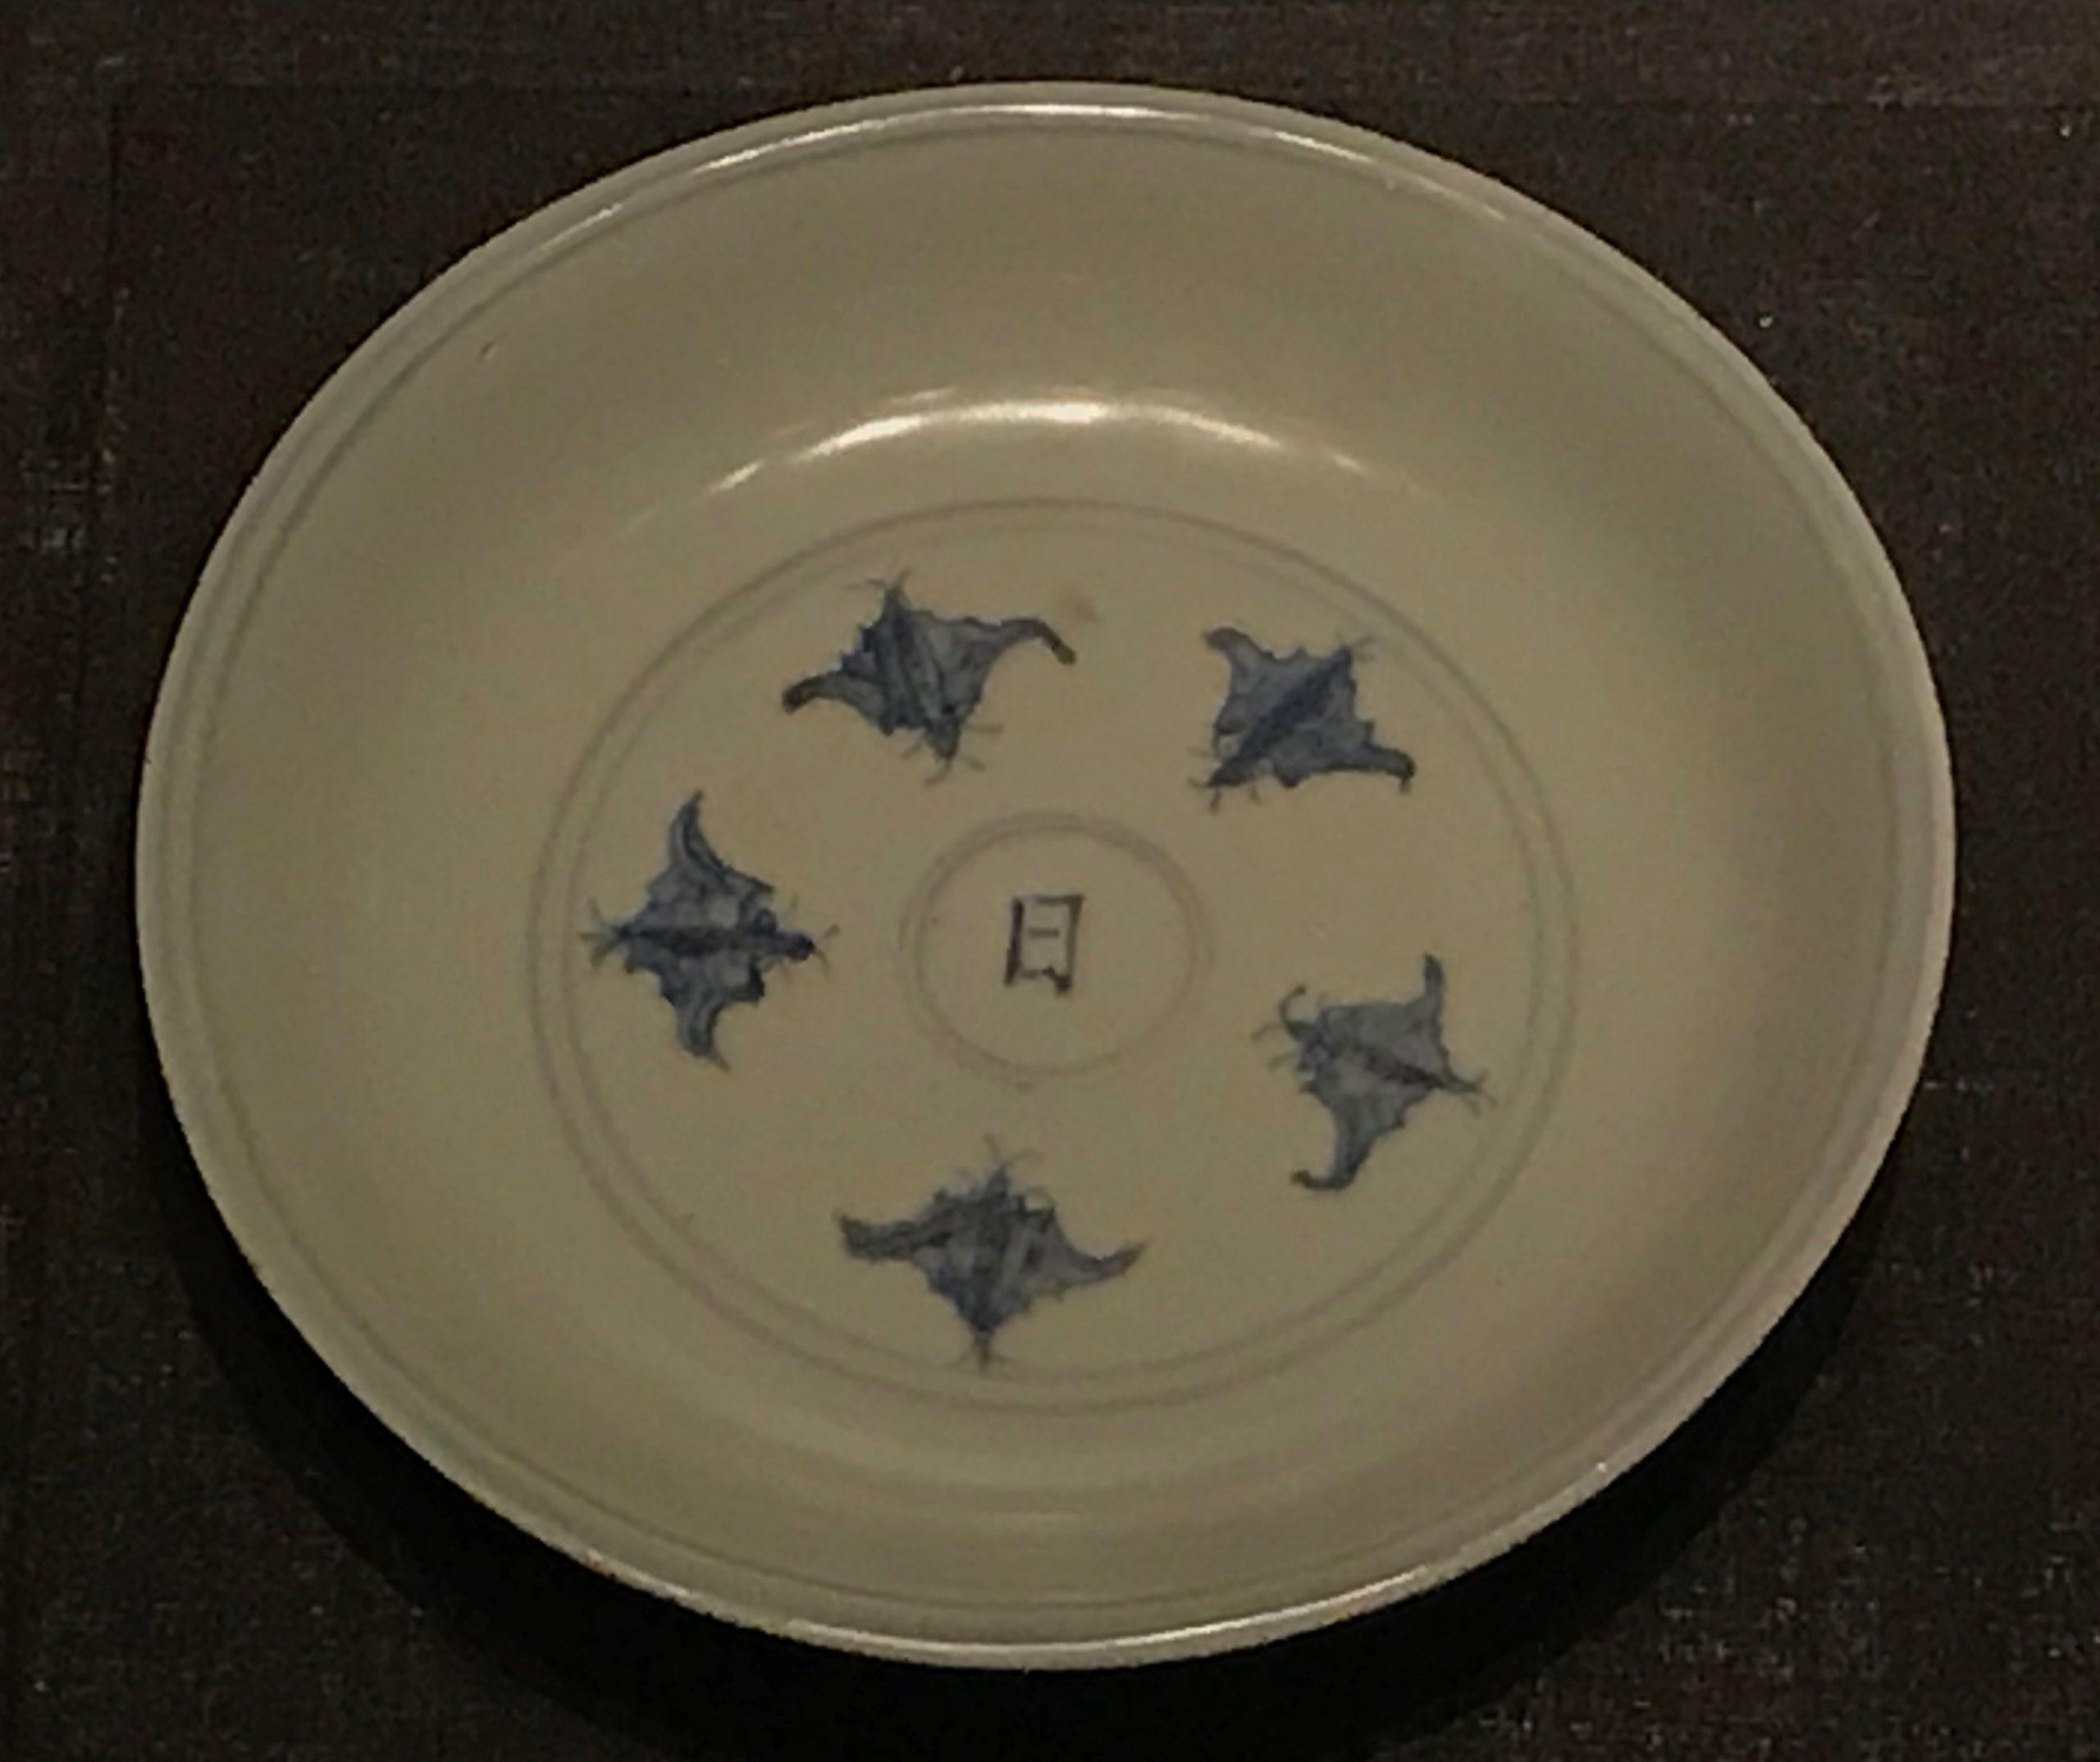 青花日字紋磁盤-明清時代-常設展F3-成都博物館